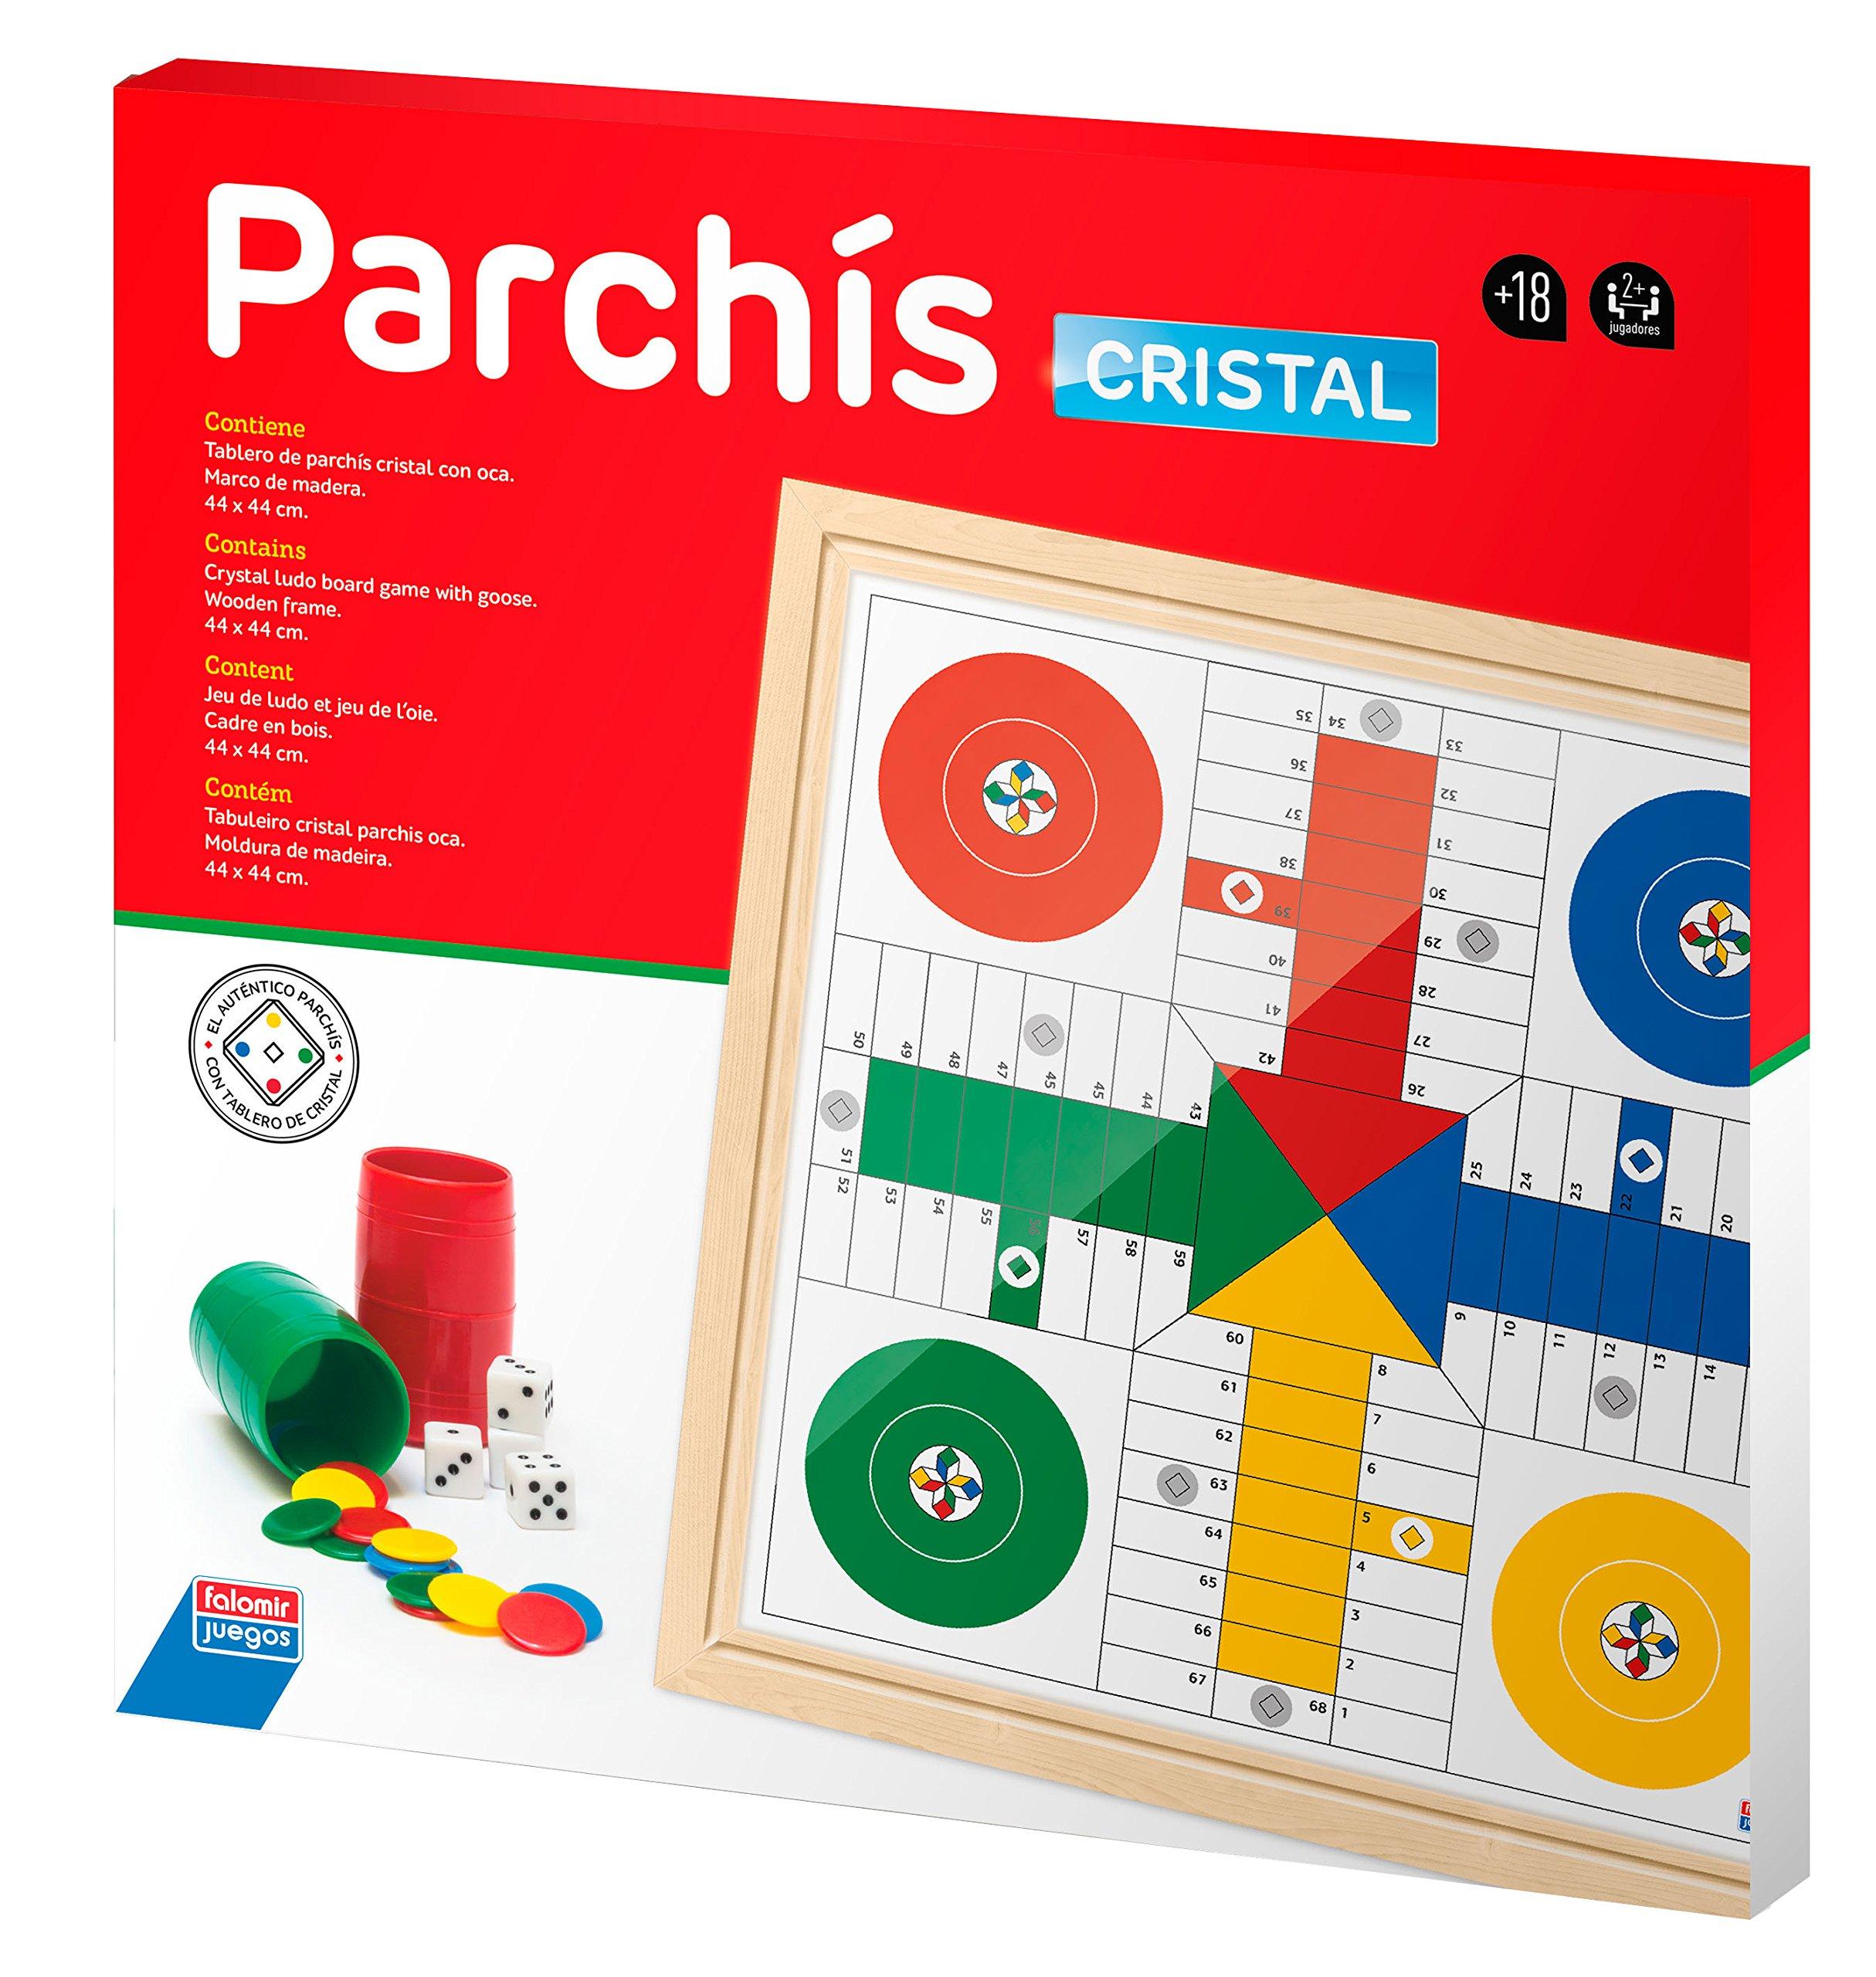 Falomir Tablero Cristal Parchís y Oca 44 cm Mesa. Juego Clásico. (27912): Amazon.es: Juguetes y juegos